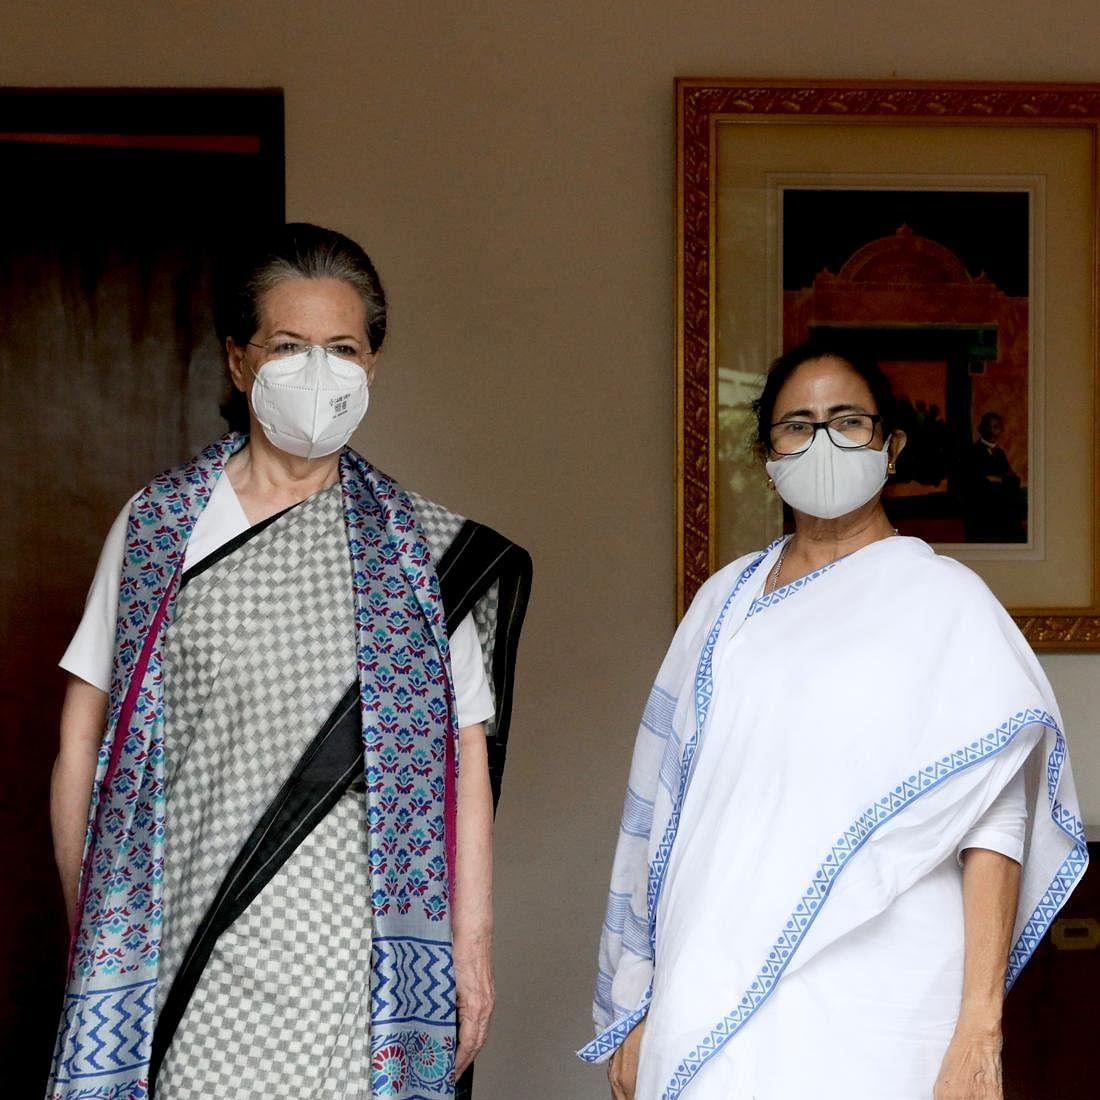 Delhi: West Bengal CM Mamata Banerjee meets Sonia Gandhi, Rahul Gandhi at 10 Janpath